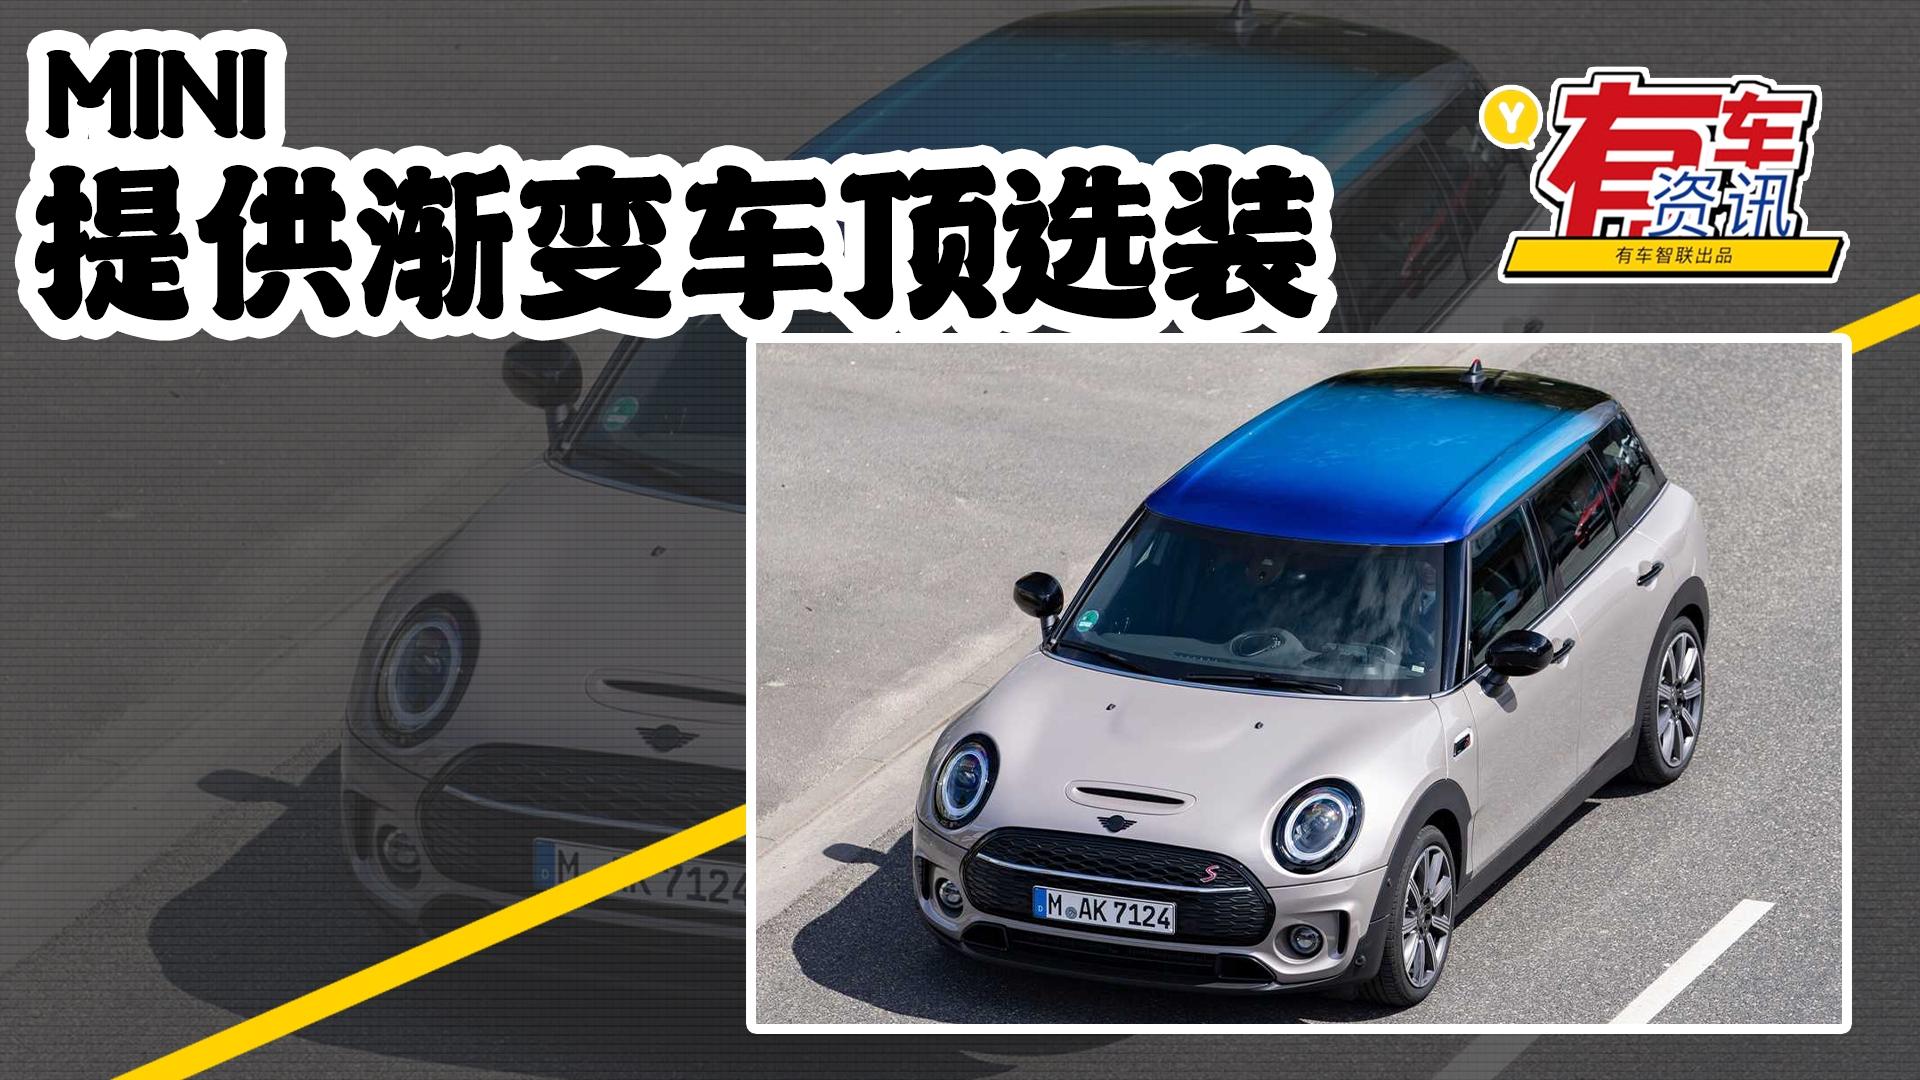 视频:MINI官方发布渐变色车顶选装 使用特殊喷漆技术 更加凸显个性化